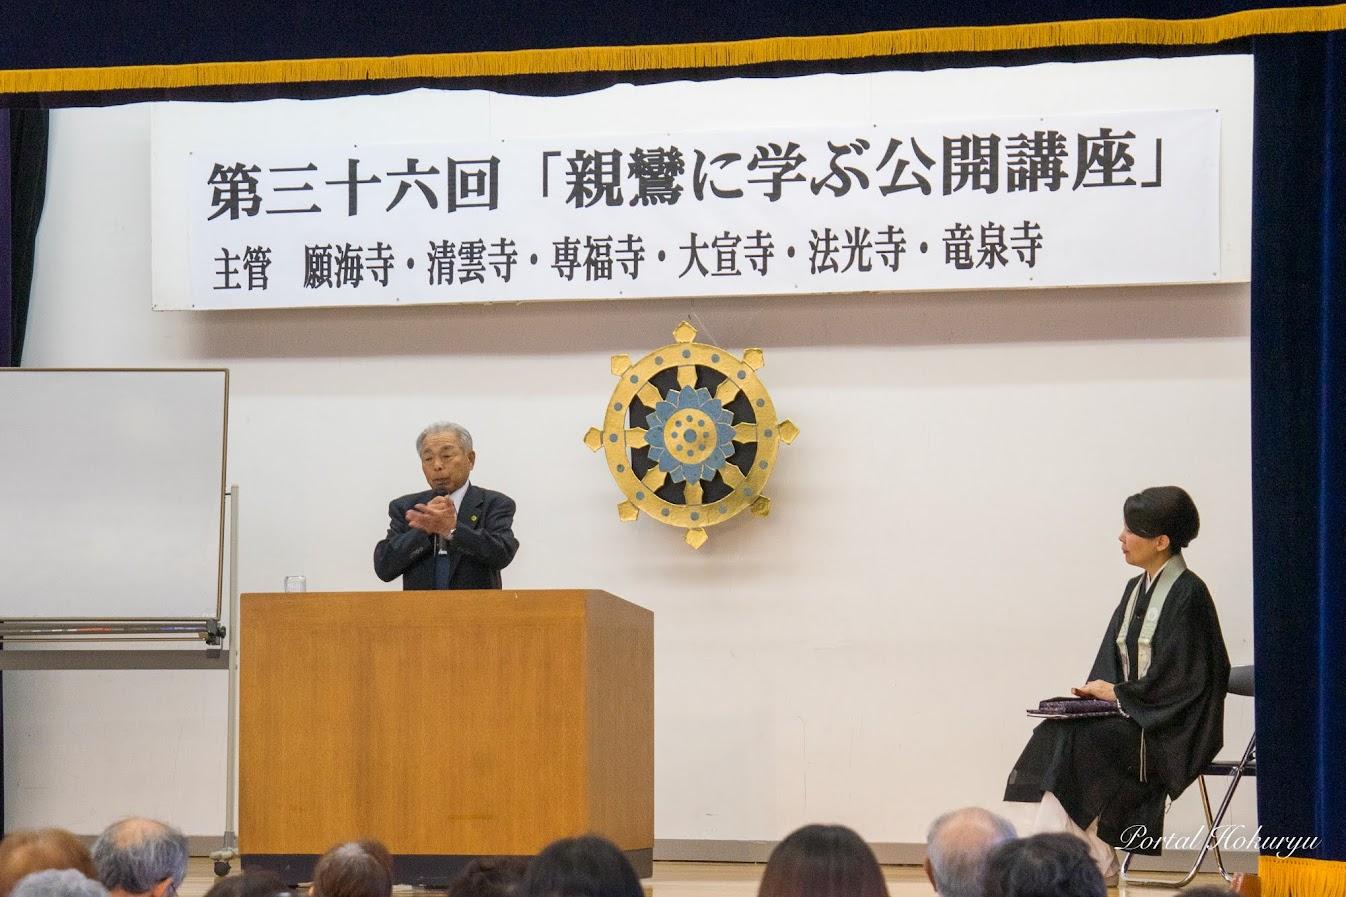 ご挨拶:公開講座実行委員会・田中盛亮 委員長